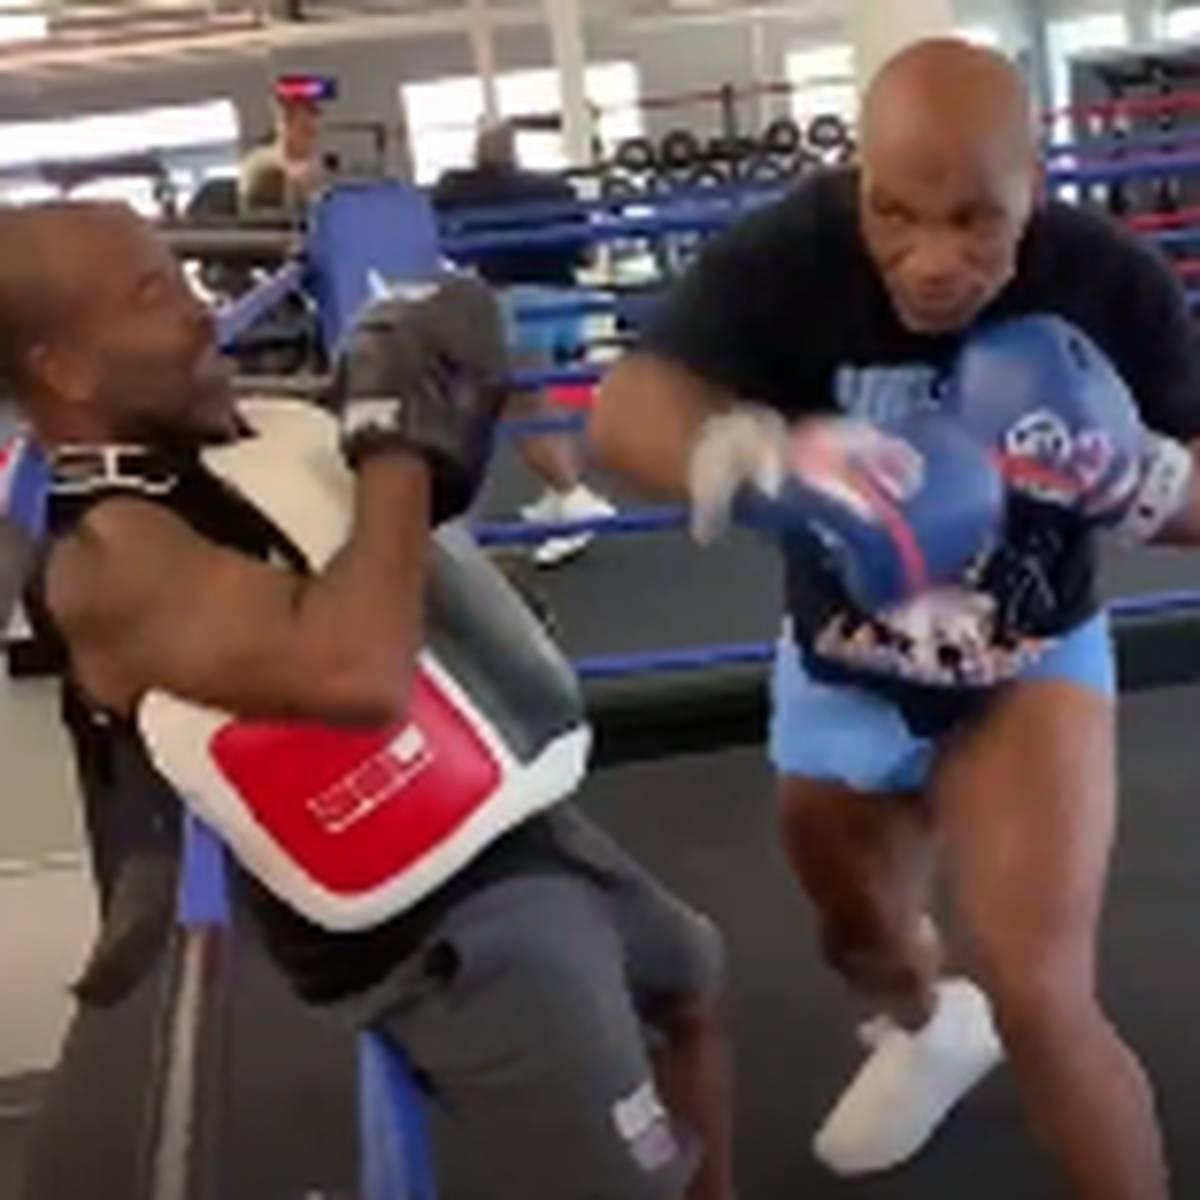 Fäustehagel! Hier haut Tyson seinen Trainer in die Seile